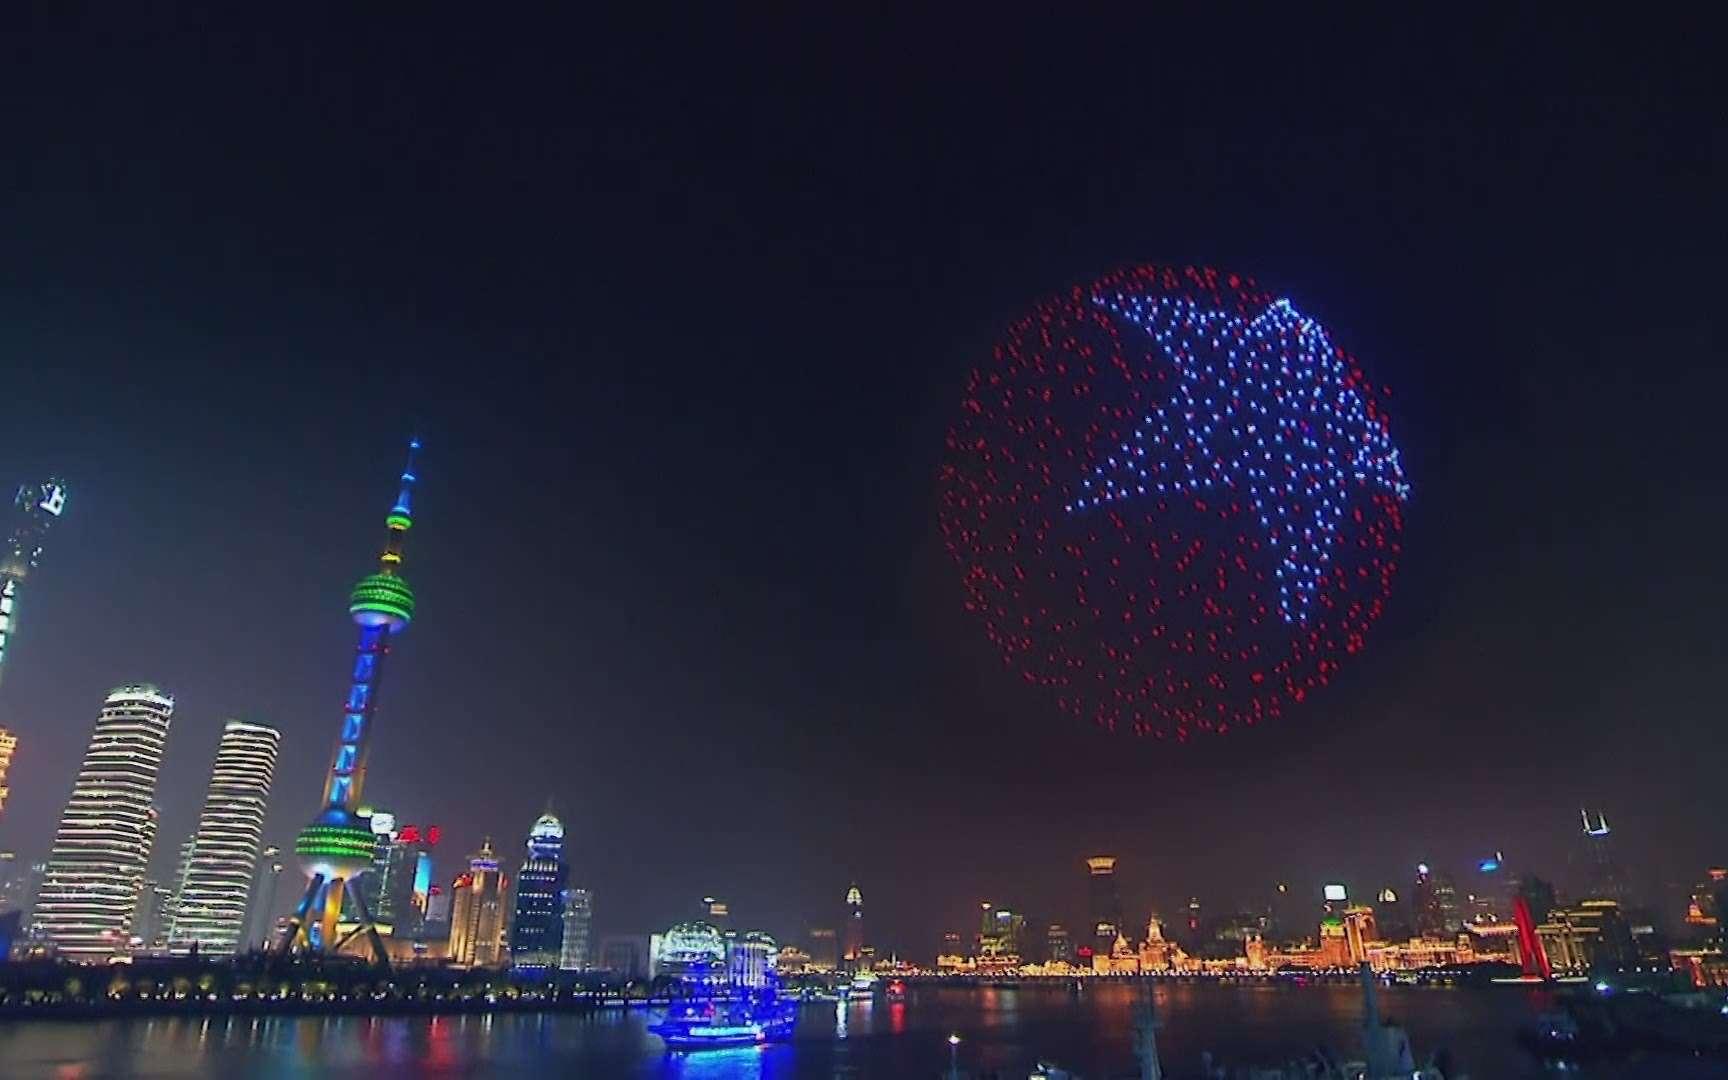 Des drones dans le ciel de Shangai remplacent les feux d'artifice. © China Global Television Network